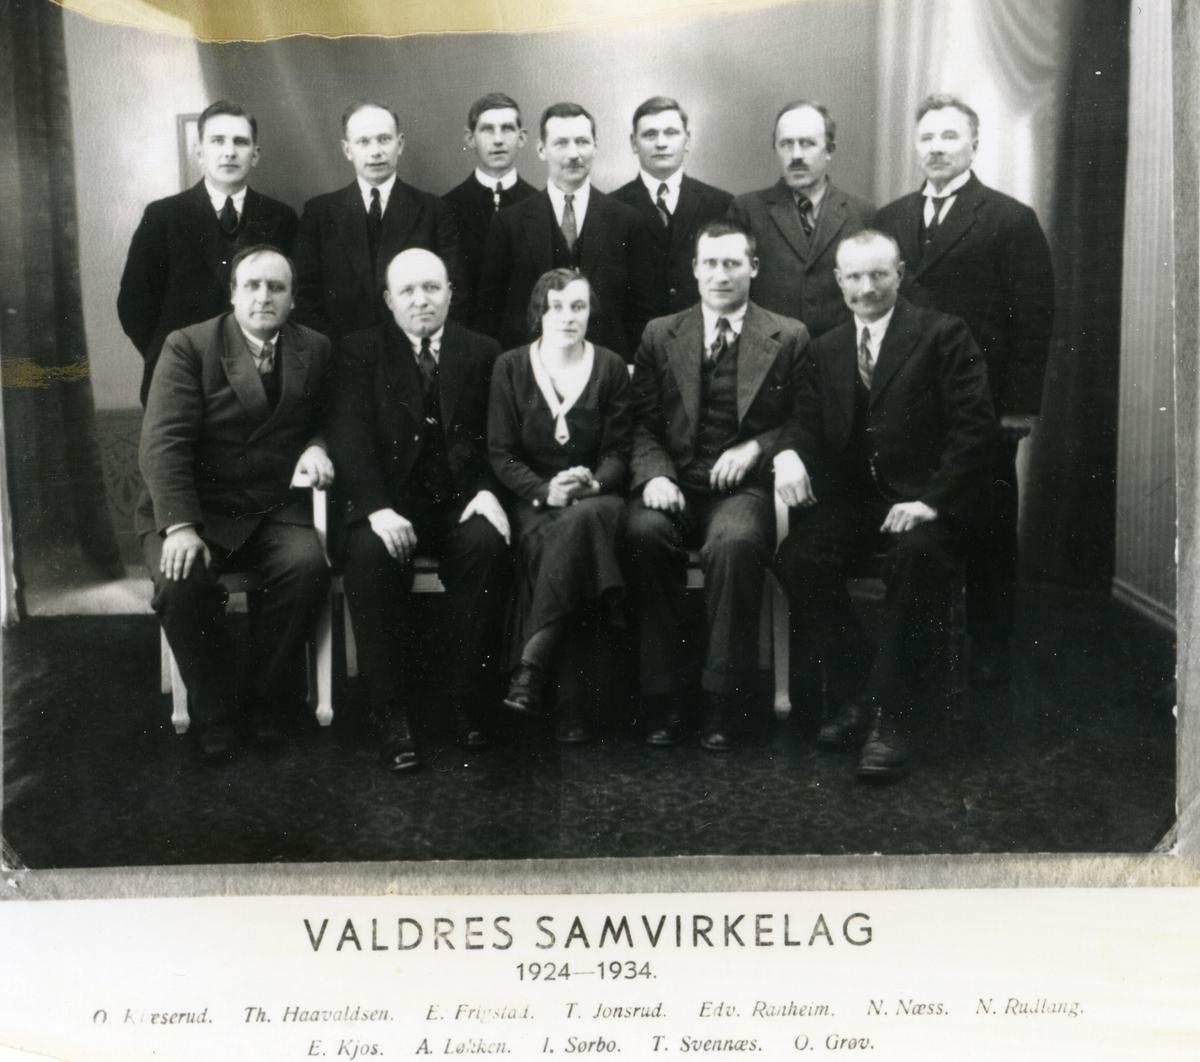 Styret i Valdres Samvirkelag 1924-1934, elleve menn og ei kvinne